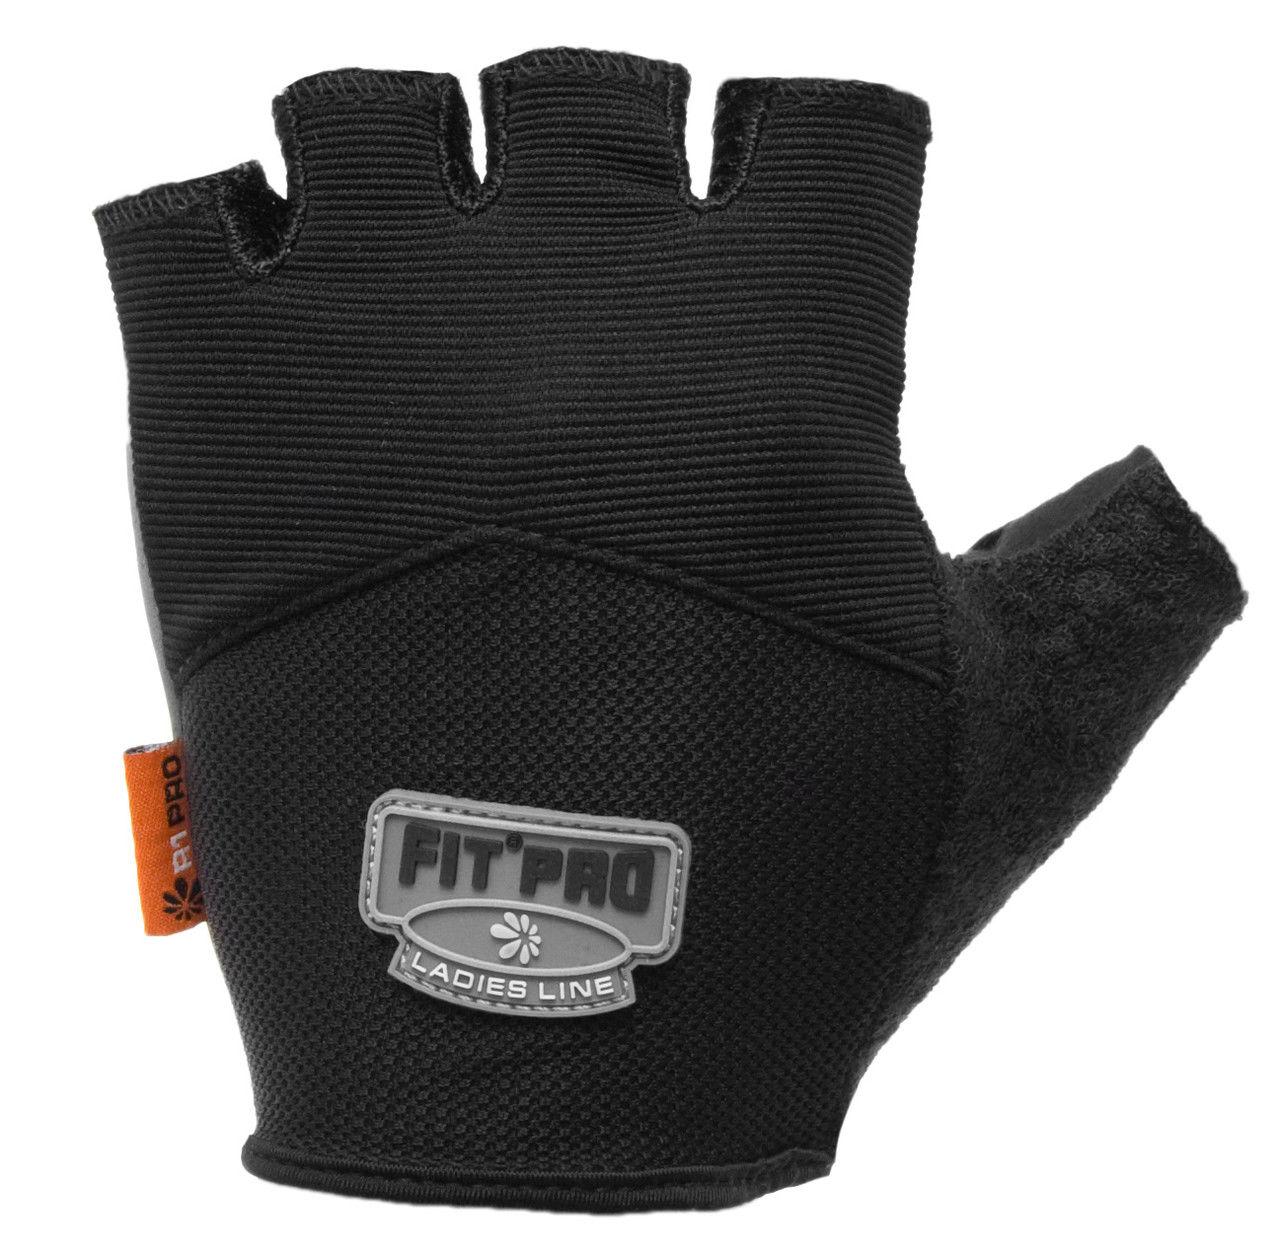 Перчатки для кроссфита Power System FP-06 R1 Pro L, Черный фото видео изображение